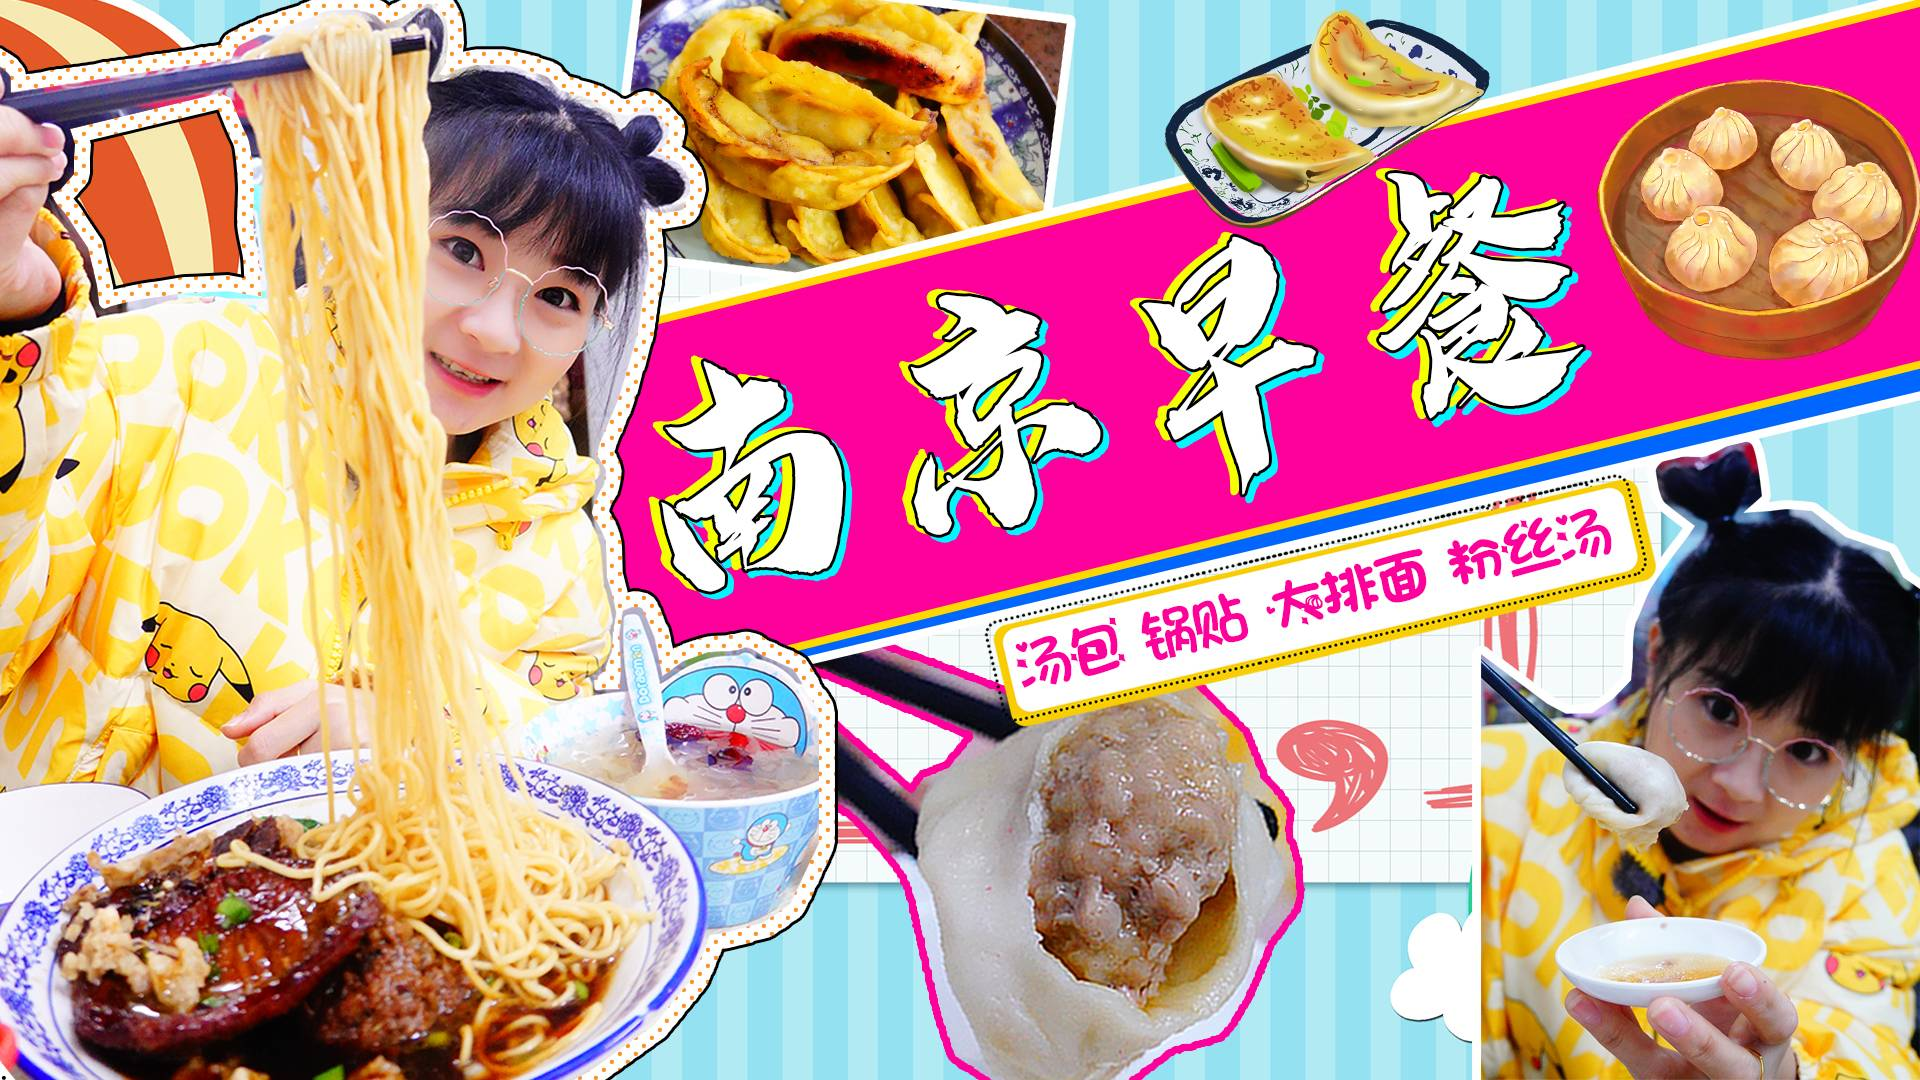 南京逛吃早餐两家连探,必吃榜的汤包、锅贴和粉丝汤吃起来!